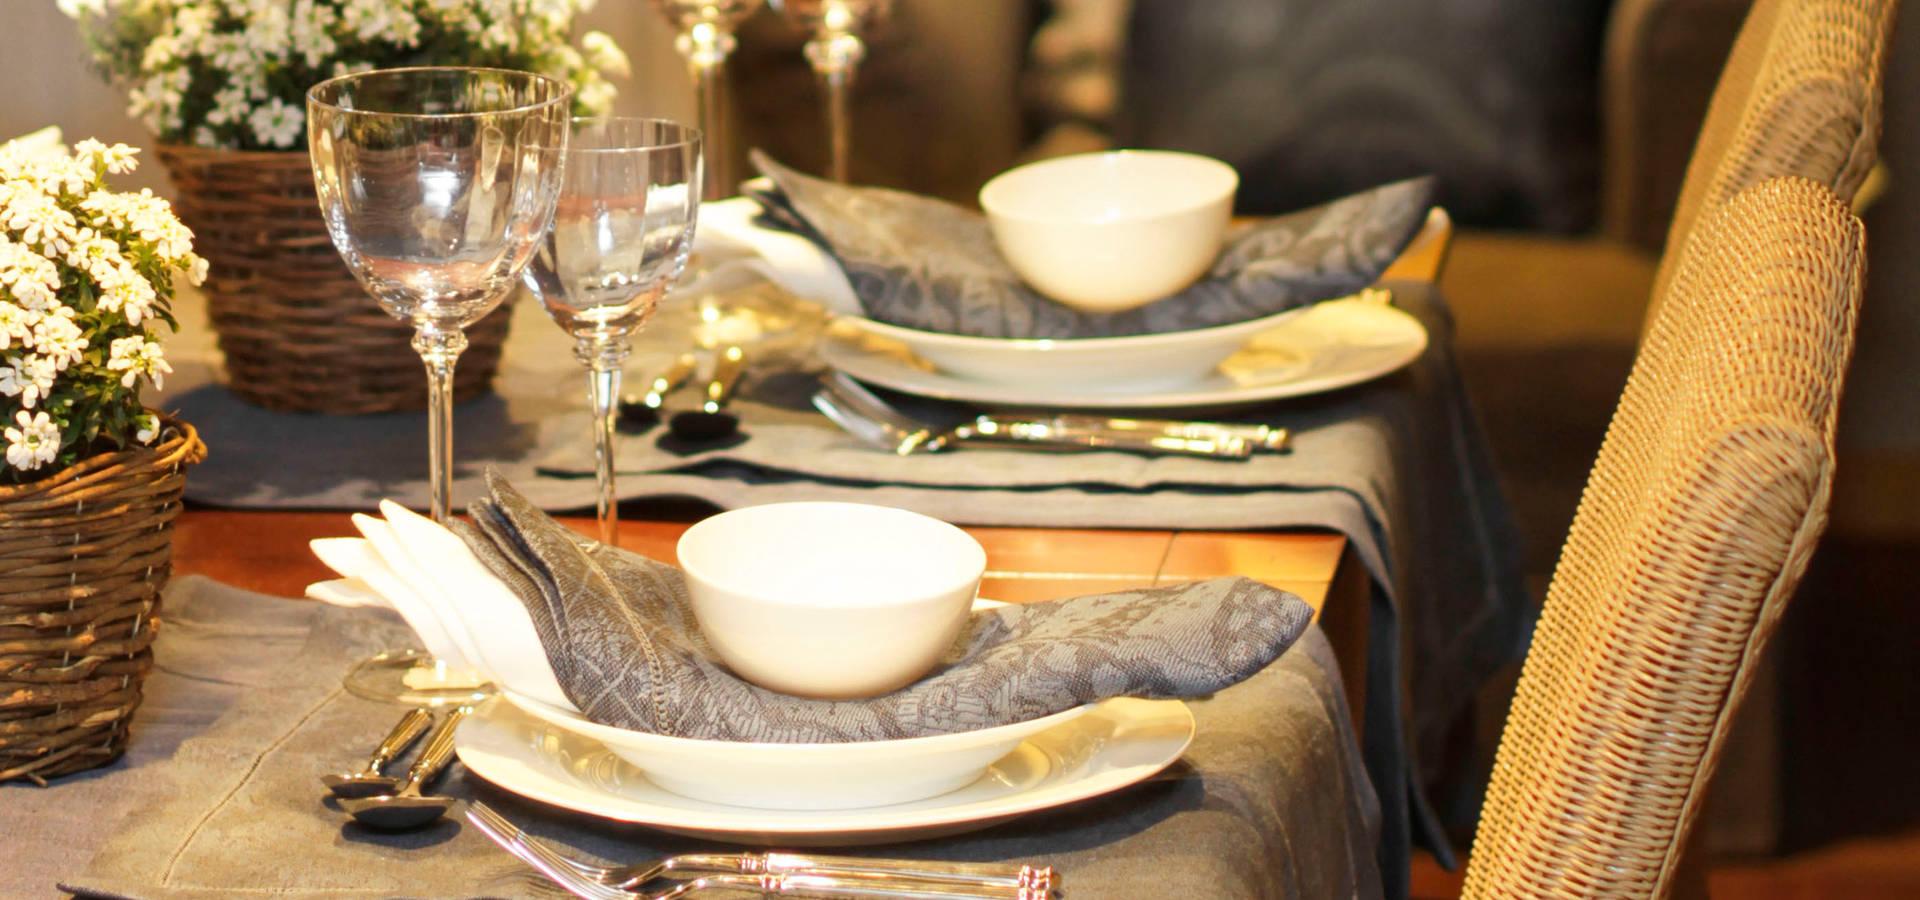 zauberhafte tafeln von mack fellbach das haus der guten. Black Bedroom Furniture Sets. Home Design Ideas